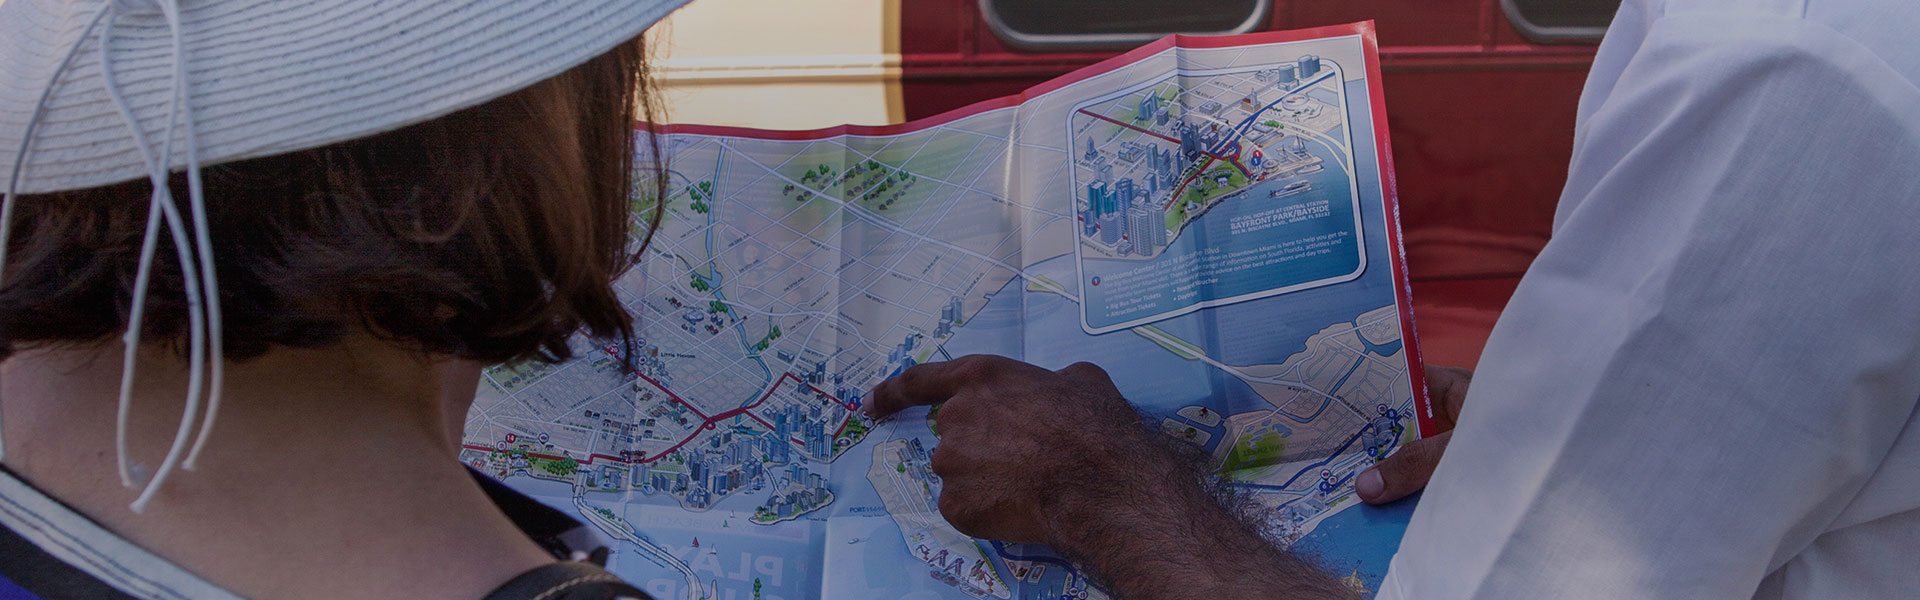 Un guía de Big Bus señalando un mapa